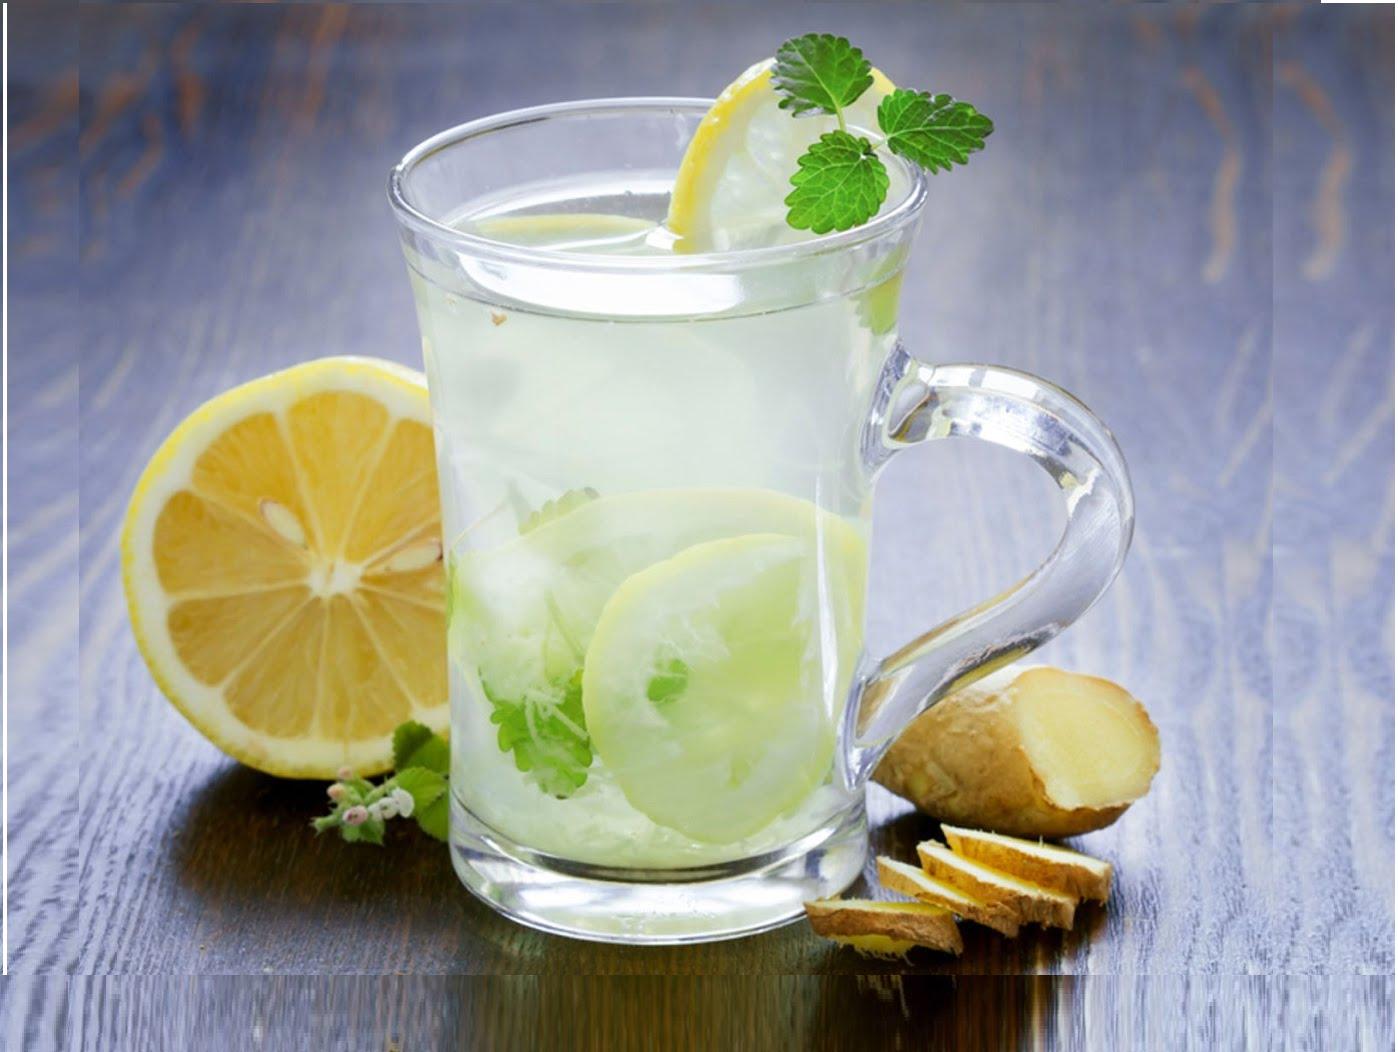 cetriolo allo zenzero e acqua dimagrante al limone